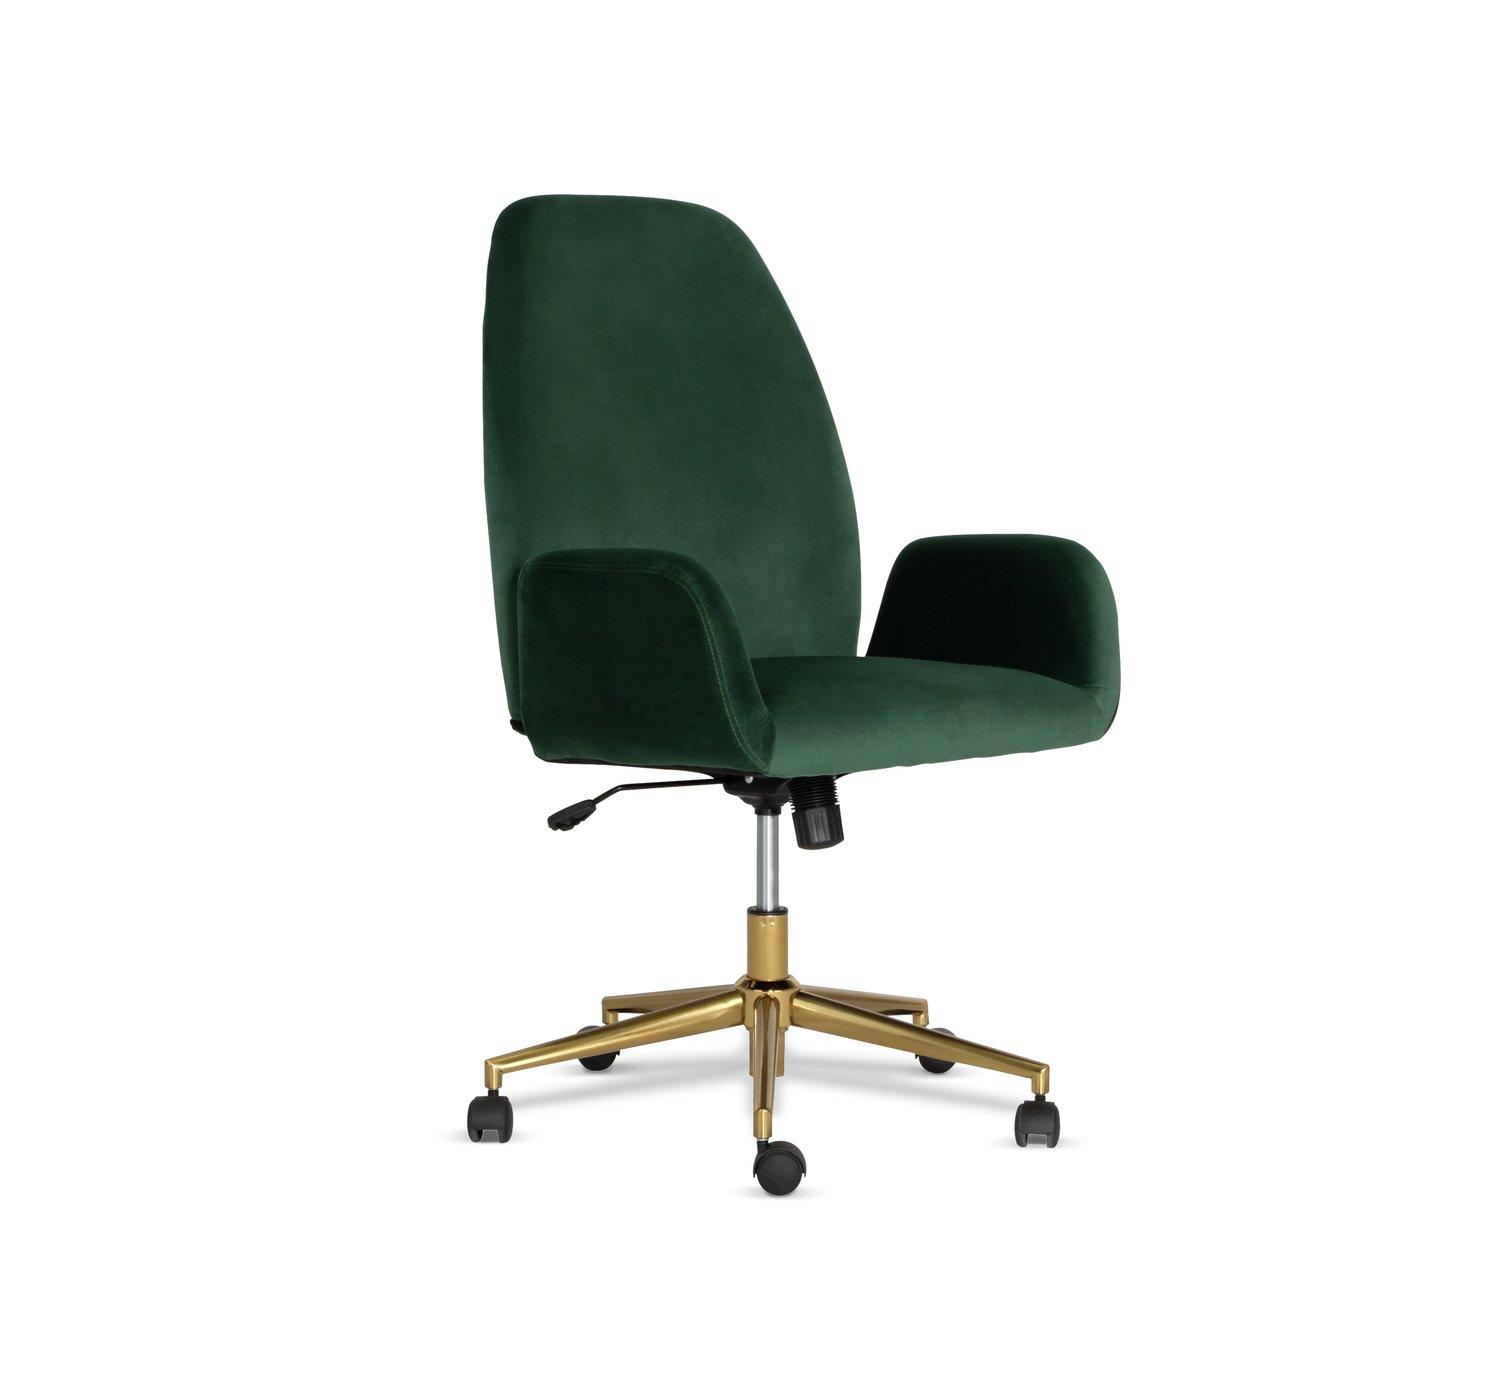 Habitat Clarice Velvet Office Chair - Green